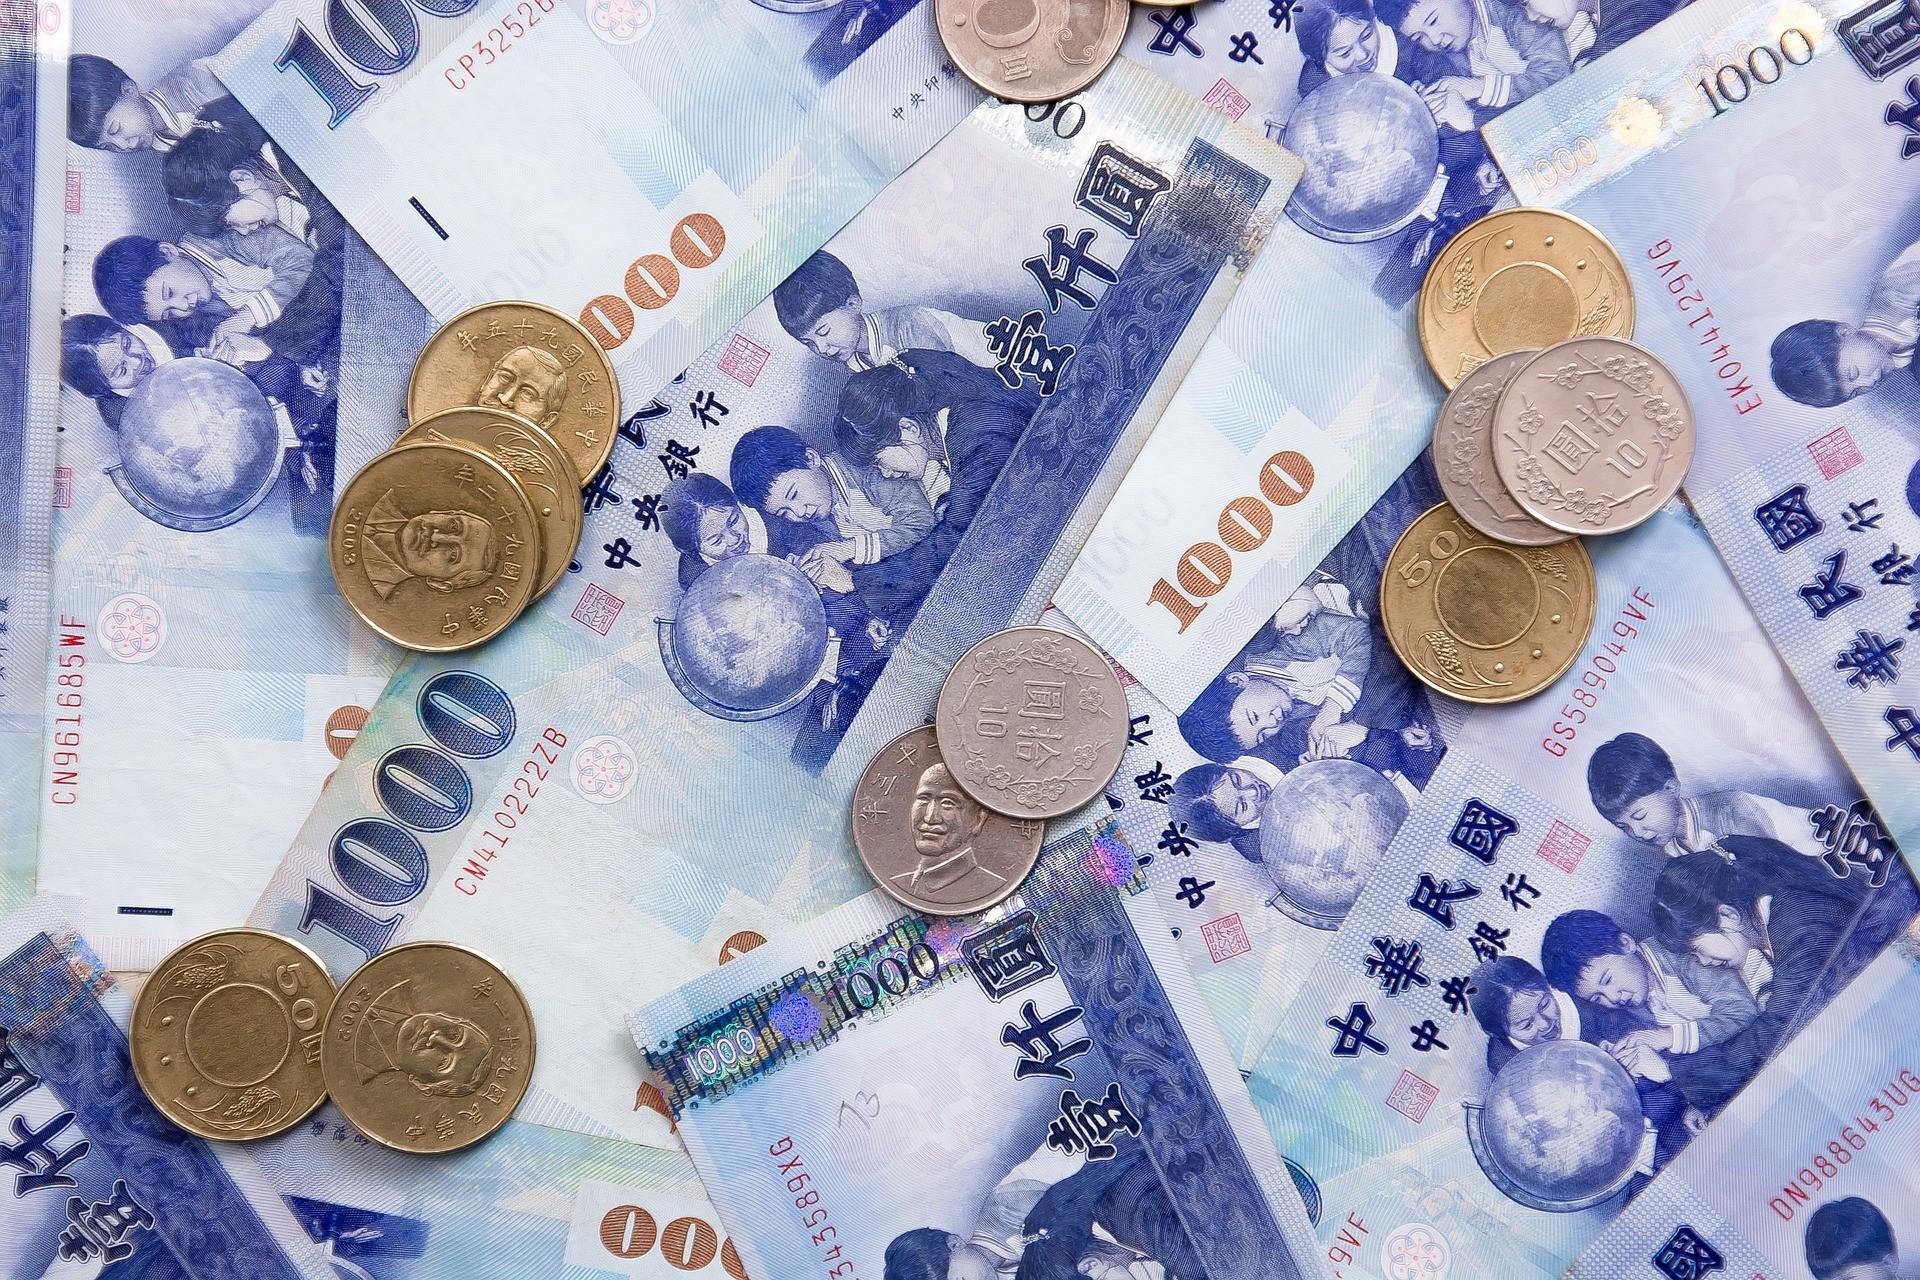 ▲新台幣,鈔票,錢。(圖/取自免費圖庫Pixabay)